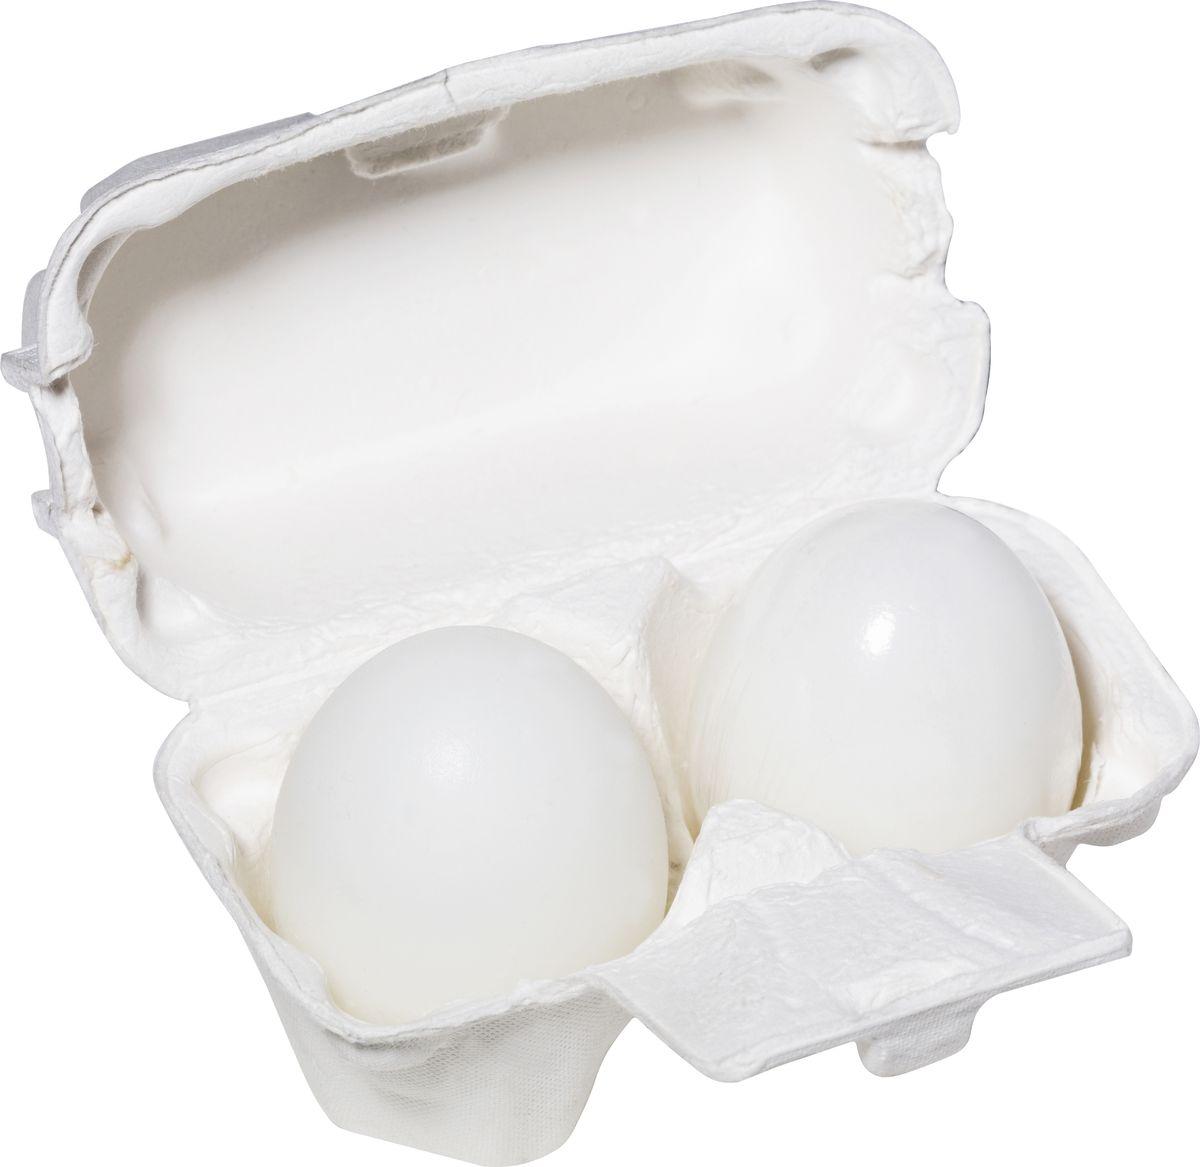 Holika Holika Мыло-маска ручной работы для сужения о очистки пор c яичным белком, 100 мл200120151543 Мыло-маска с яичным белком обеспечивает коже эластичность, увлажняет ее и борется со признаками старения, сужает поры. Применение: используйте ежедневно как мыло для умывания, вспенив в теплой воде. Намылить лицо, смыть. Или используйте как маску 1-2 раза в неделю: намочите лицо, массажируйте до образования тонкого мыльного слоя на коже, оставьте на 10 минут, затем смойте теплой водой. Объём: 50 г*2. Срок годности: 30 месяцев с даты, указанной на упаковке. Состав: миристиновая кислота, стеариновая кислота, триэтаноламин, лауриловая кислота, пальмитиновая кислота, глицерин, очищенная вода, гидроксид натрия, динатрия лаурил сульфосукцинат, ароматизатор, гидролизованный яичный белок, триклозан, диоксид титана, тетранатрия ЭДТА.